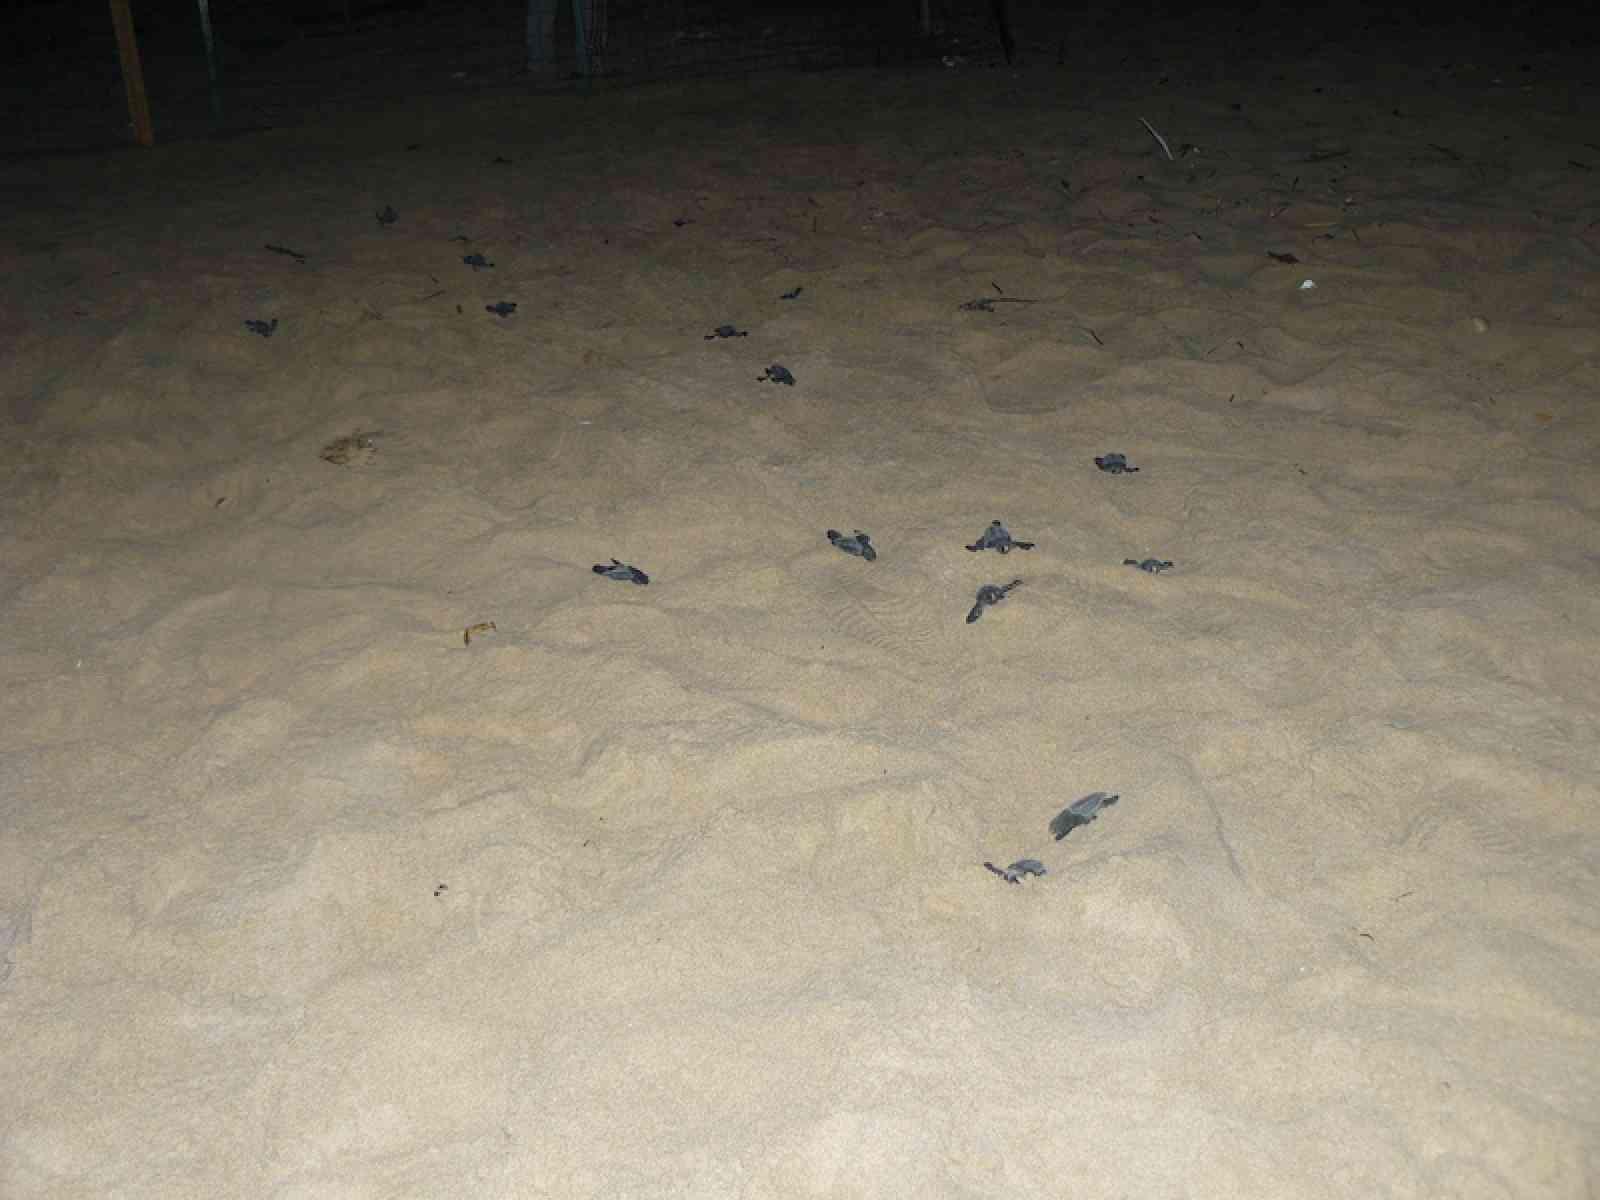 Menfi, approvato il progetto europeo LIFE a sostegno delle tartarughe Caretta caretta